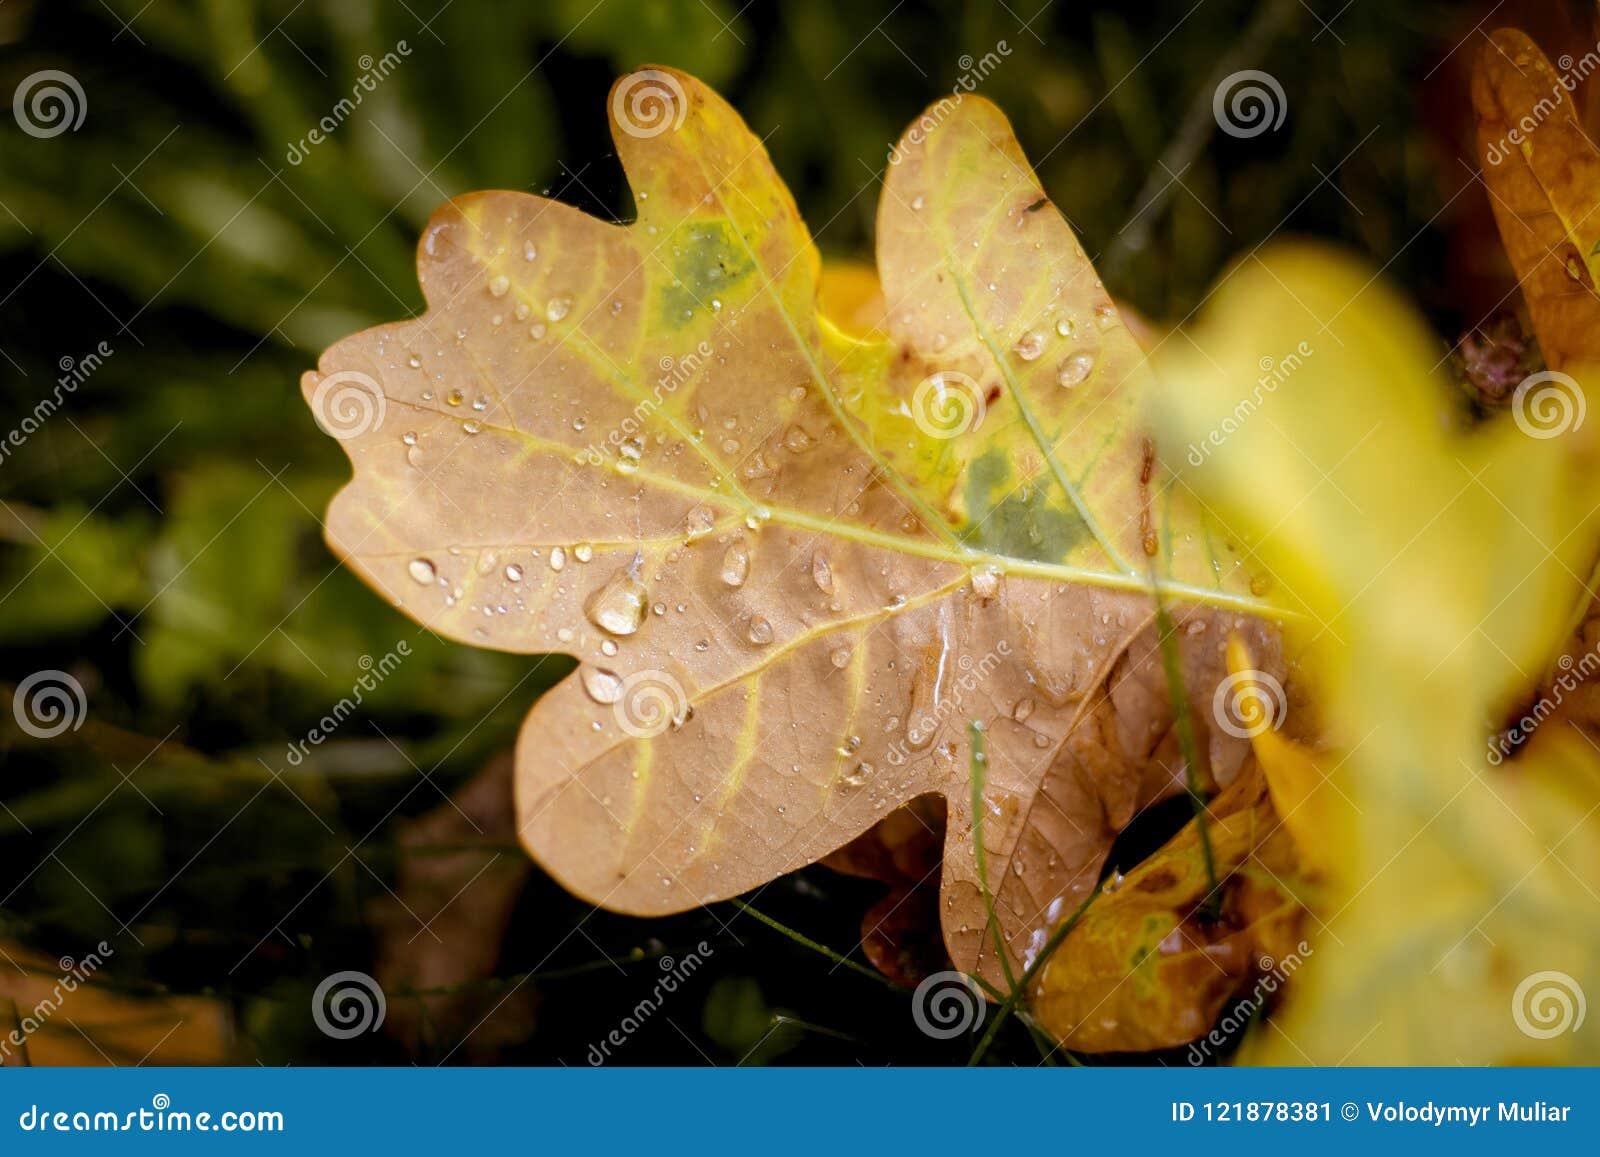 黄色叶子与露水下落的一棵橡木在ground_的